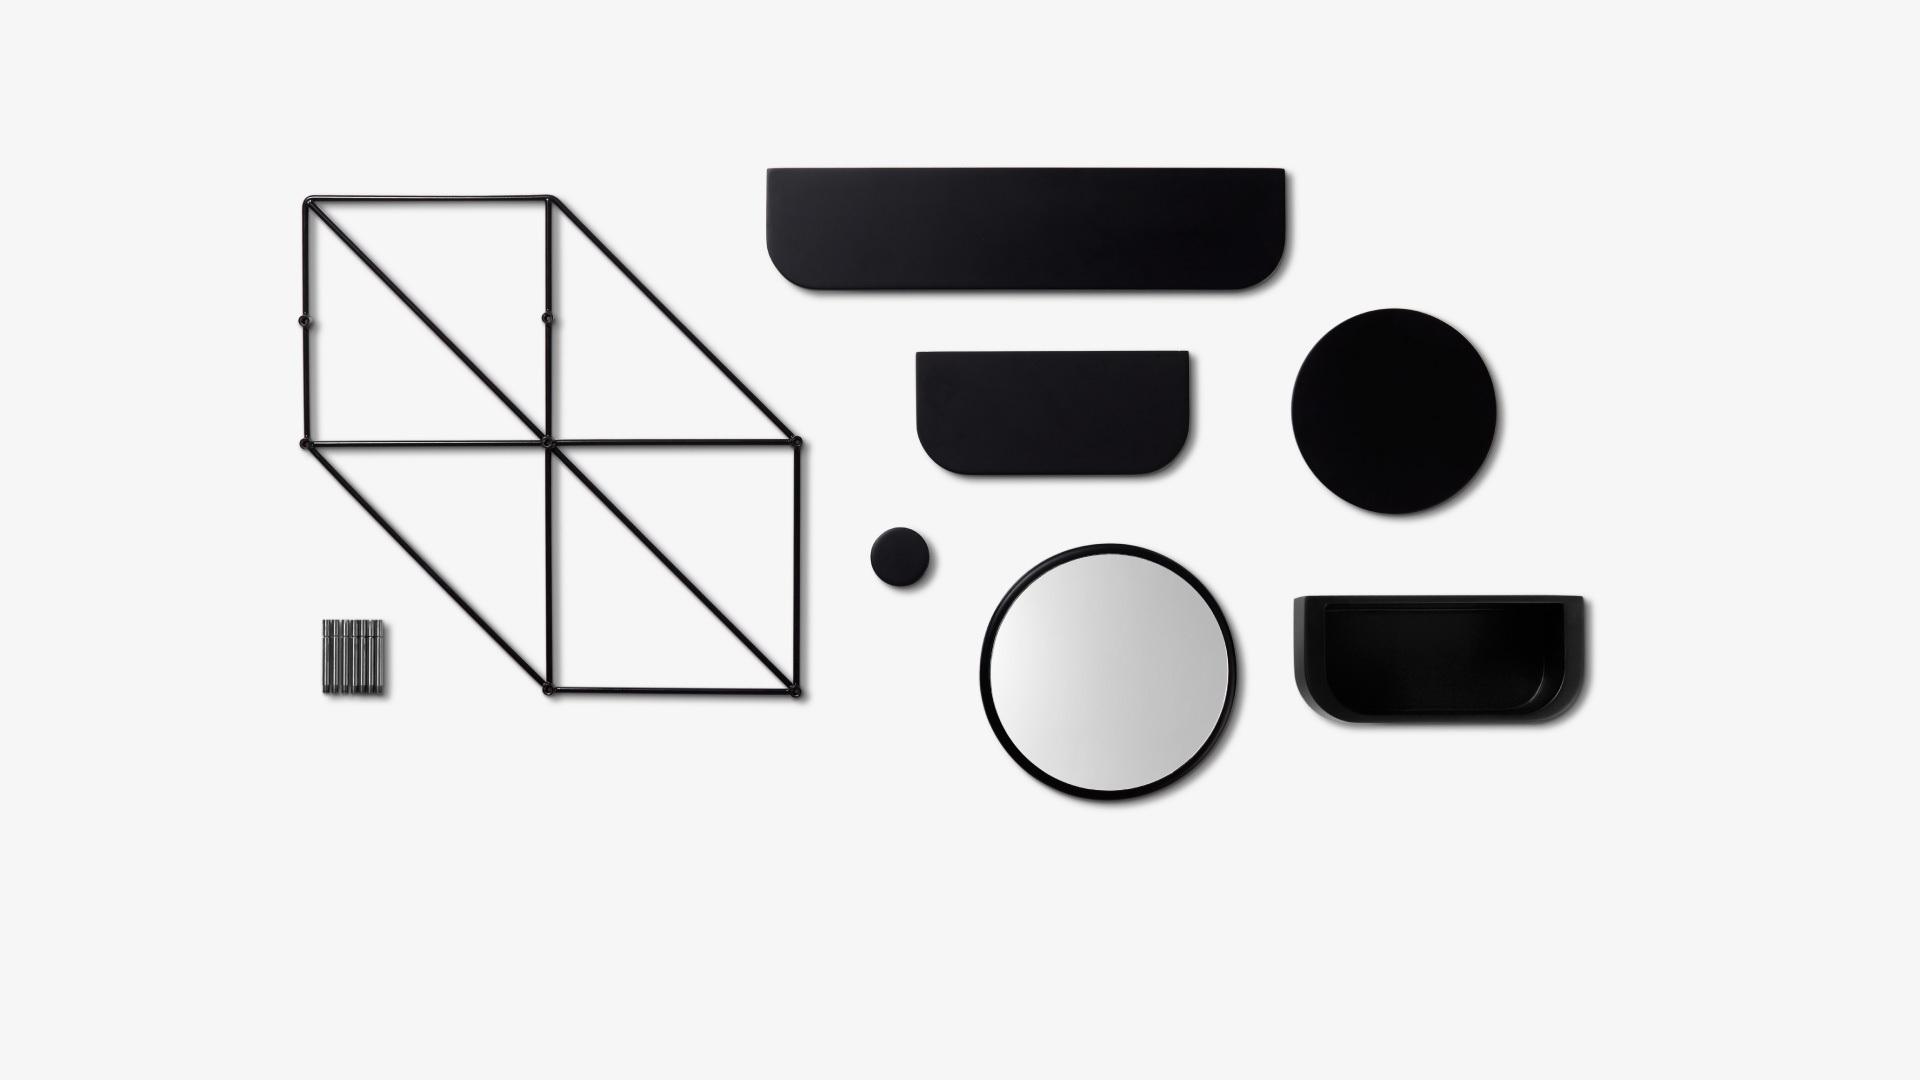 蜂巢框架+6个配件的自由组配